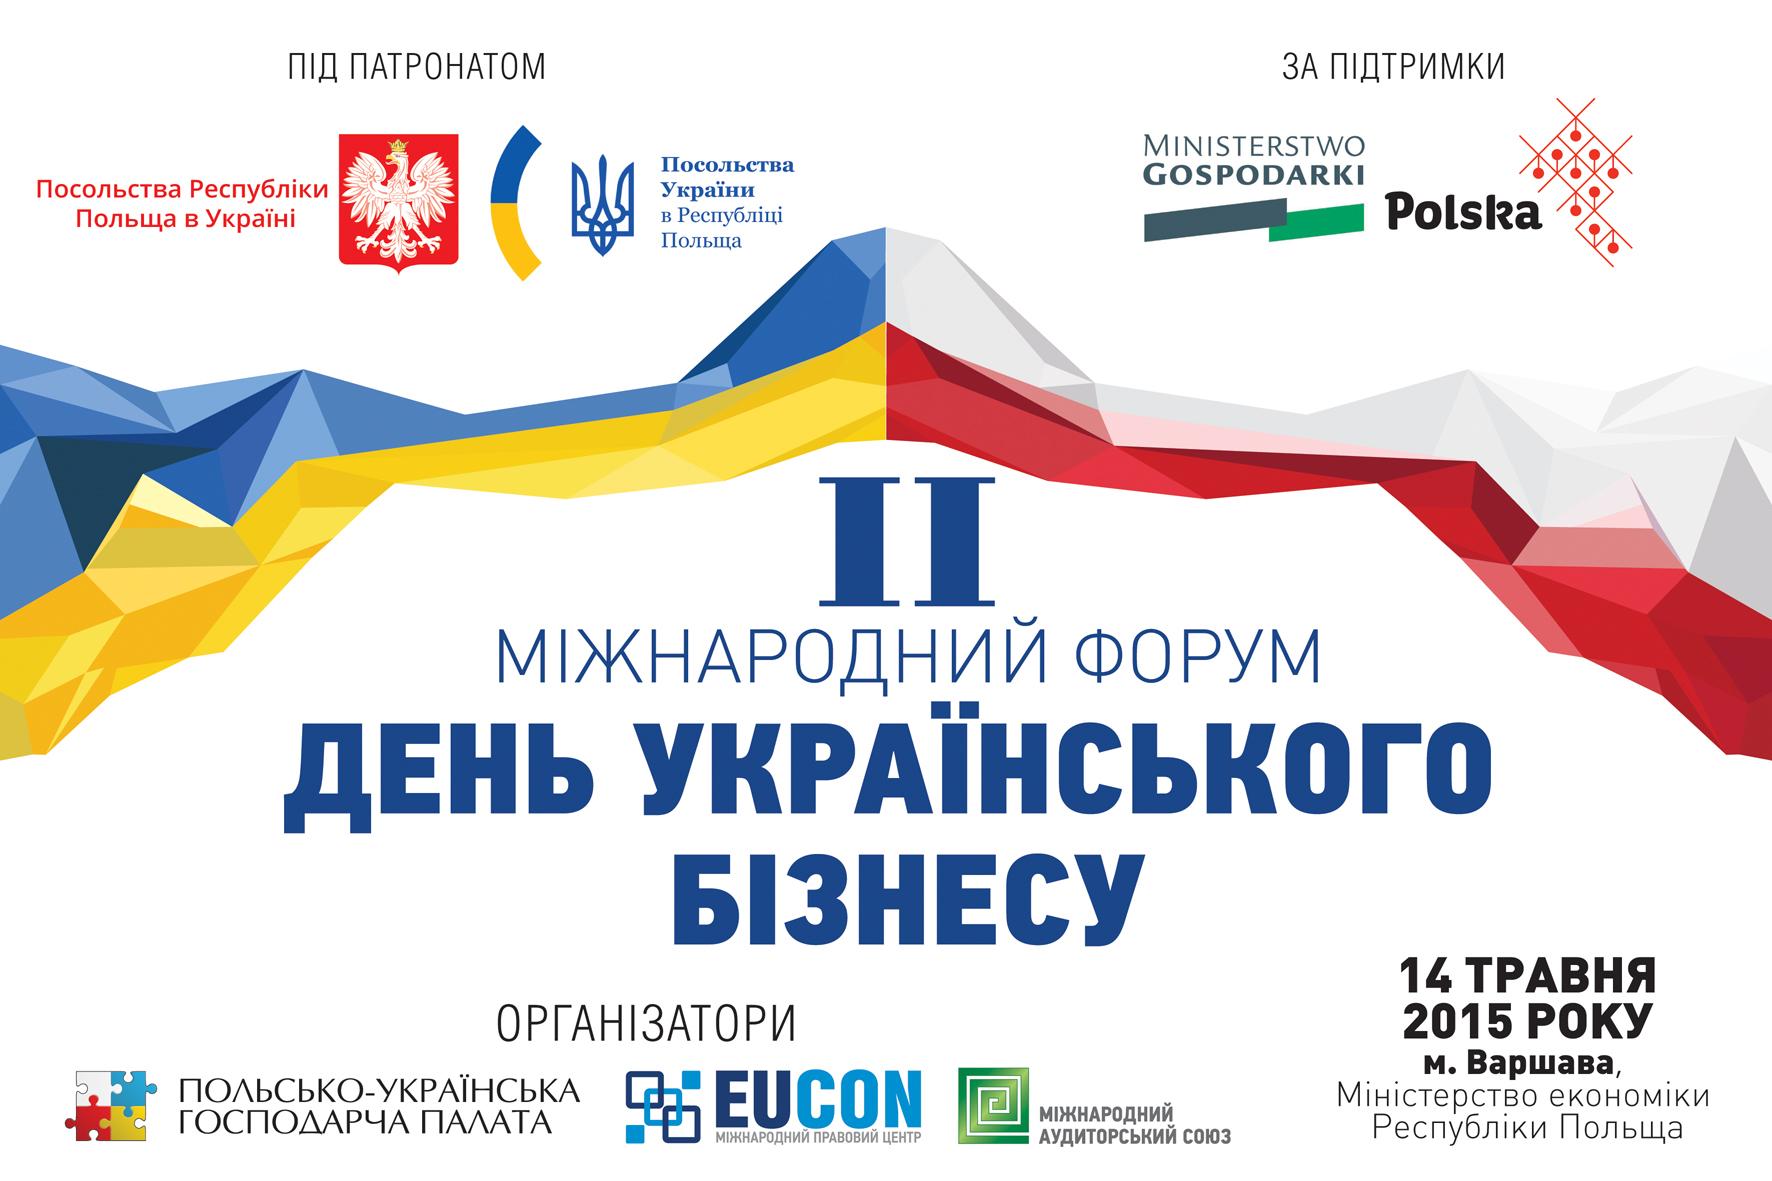 У Варшаві відбудеться щорічний Міжнародний форум «ДЕНЬ УКРАЇНСЬКОГО БІЗНЕСУ»